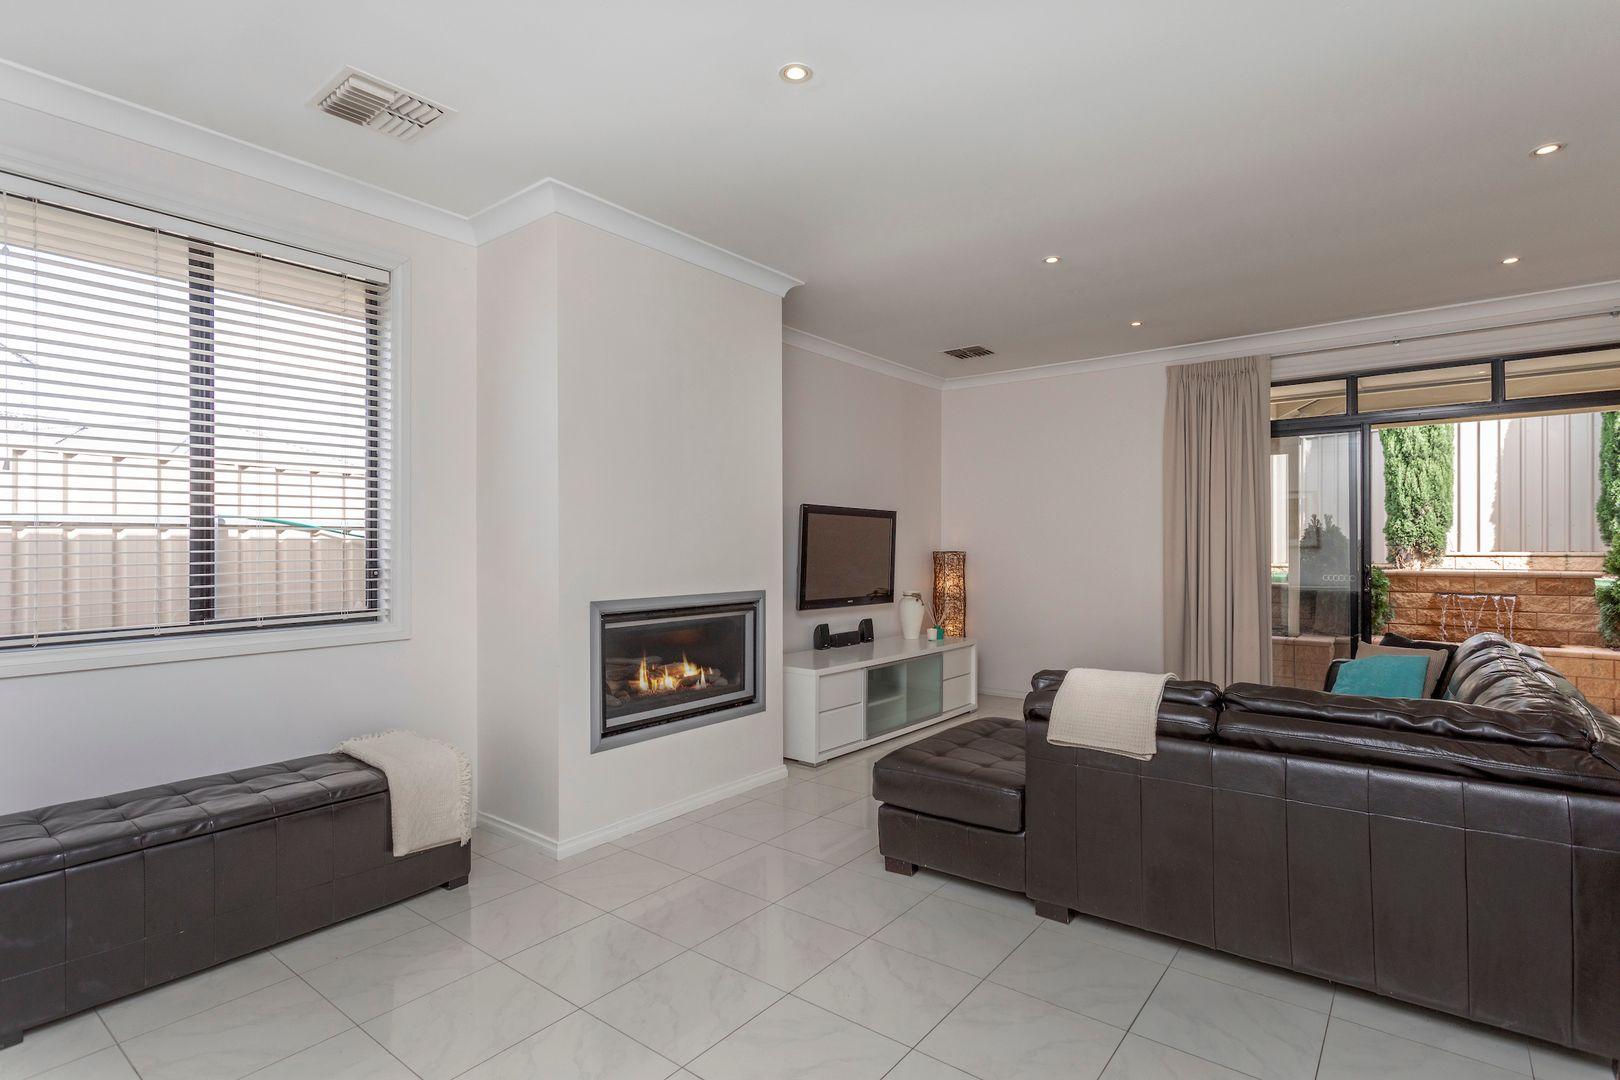 17 Hertford Place, Noarlunga Downs SA 5168, Image 0